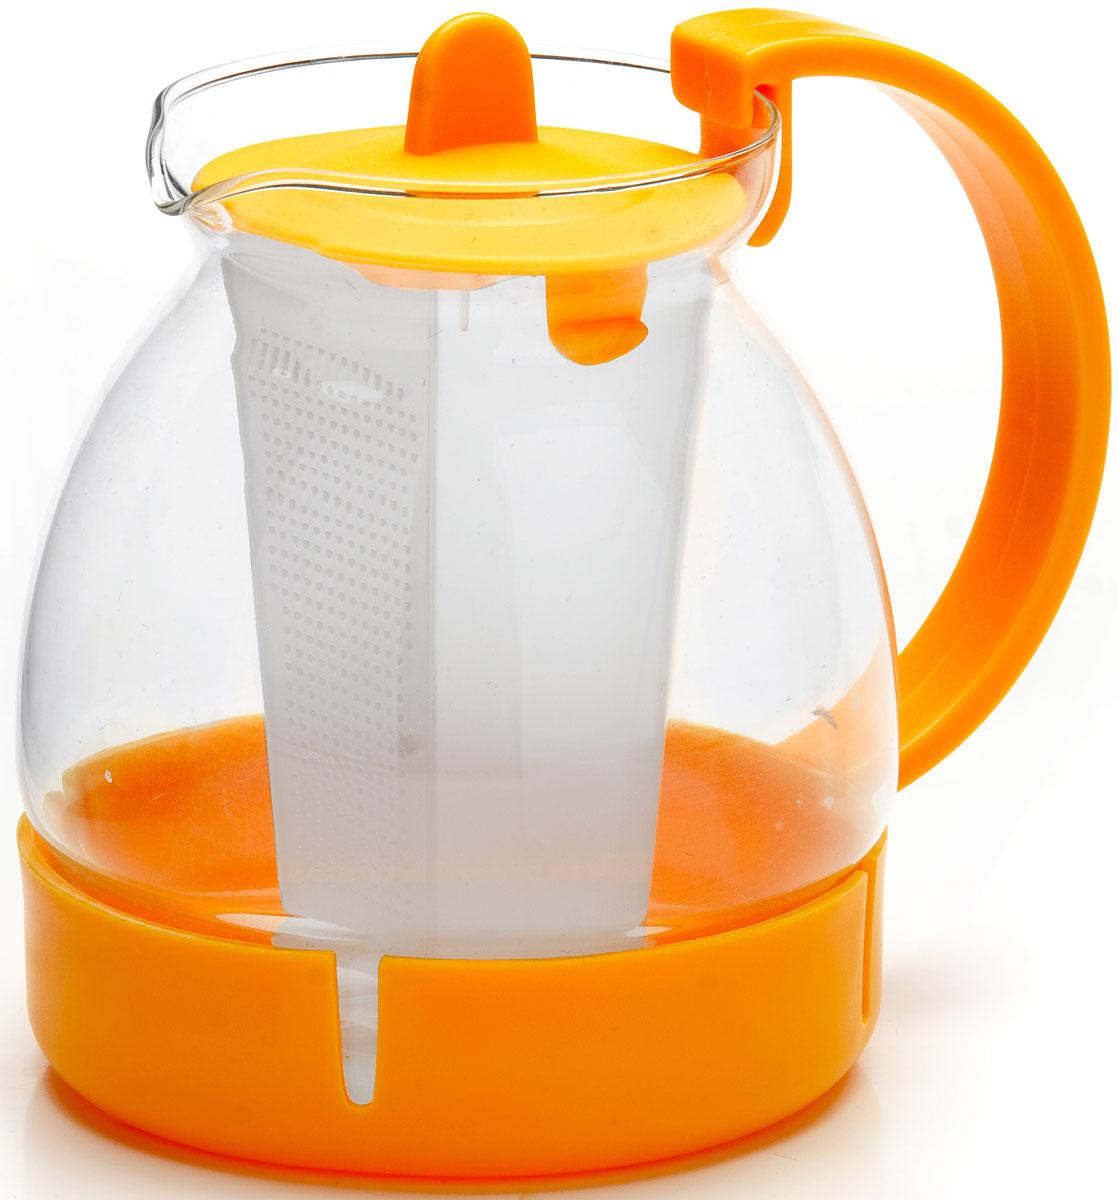 Чайник заварочный Mayer & Boch, с фильтром, цвет: желтый, 1,25 л. 26171-226171-2Заварочный чайник Mayer & Boch изготовлен из термостойкого боросиликатного стекла, фильтр выполнен из полипропилена. Изделия из стекла не впитывают запахи, благодаря чему вы всегда получите натуральный, насыщенный вкус и аромат напитков. Заварочный чайник из стекла удобно использовать для повседневного заваривания чая практически любого сорта. Но цветочные, фруктовые, красные и желтые сорта чая лучше других раскрывают свой вкус и аромат при заваривании именно в стеклянных чайниках, а также сохраняют все полезные ферменты и витамины, содержащиеся в чайных листах. Стальной фильтр гарантирует прозрачность и чистоту напитка от чайных листьев, при этом сохранив букет и насыщенность чая.Прозрачные стенки чайника дают возможность насладиться насыщенным цветом заваренного чая. Изящный заварочный чайник Mayer & Boch будет прекрасно смотреться в любом интерьере. Подходит для мытья в посудомоечной машине.